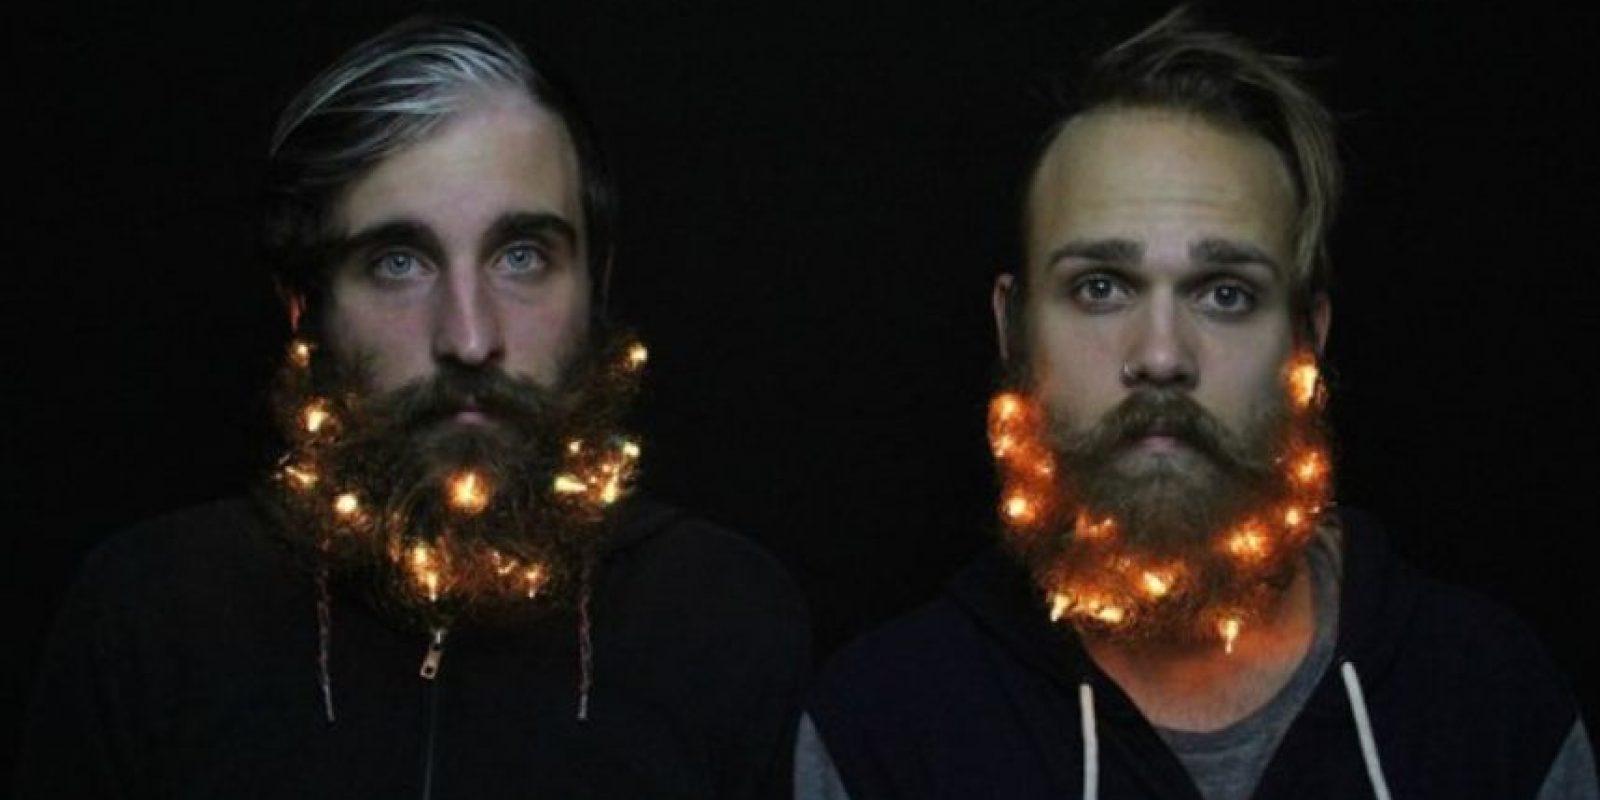 También lo hicieron con luces. Foto:Instagram